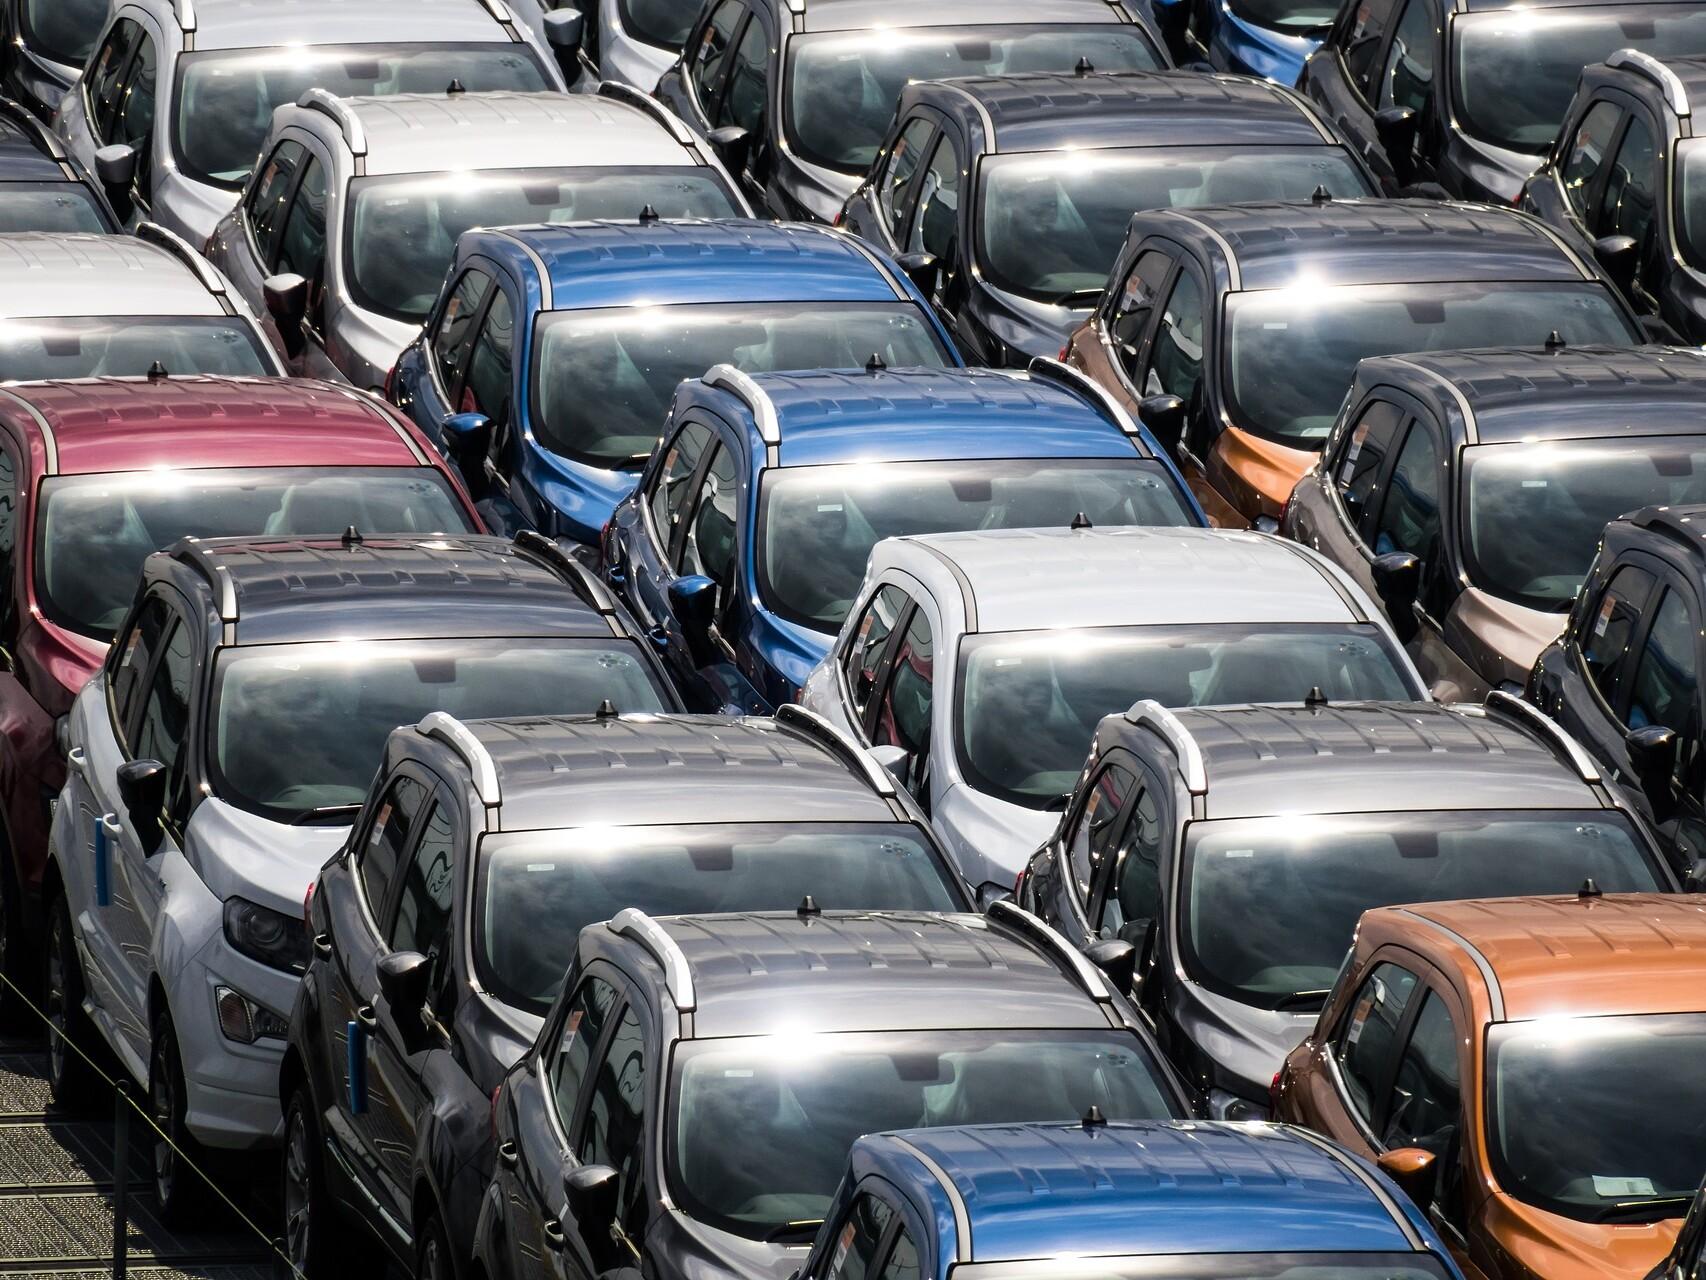 Zahlreiche Autos stehen dicht an dicht bei einem Autotransport.